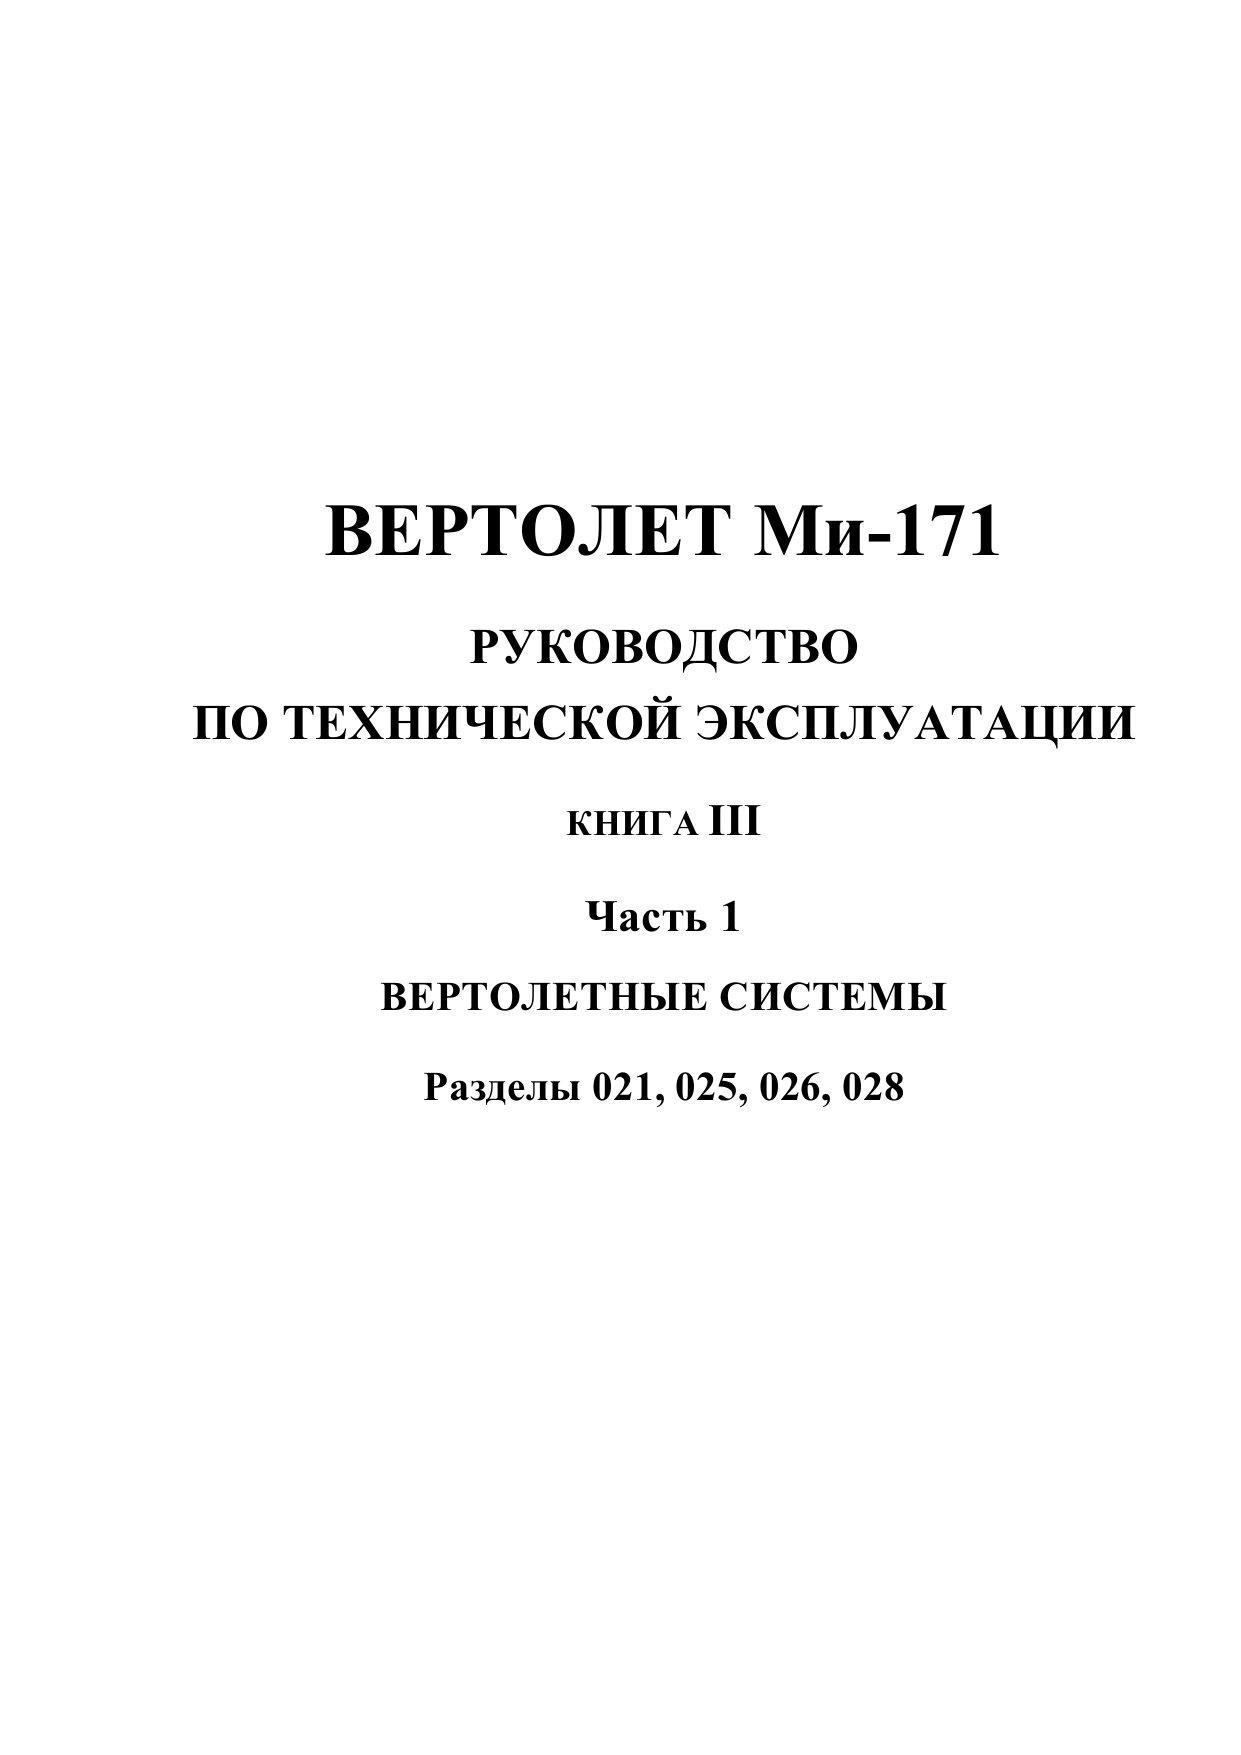 Обложка книги Ми-171.Вертолетные системы. (Книга 3. Часть1) (Коллектив авторов)